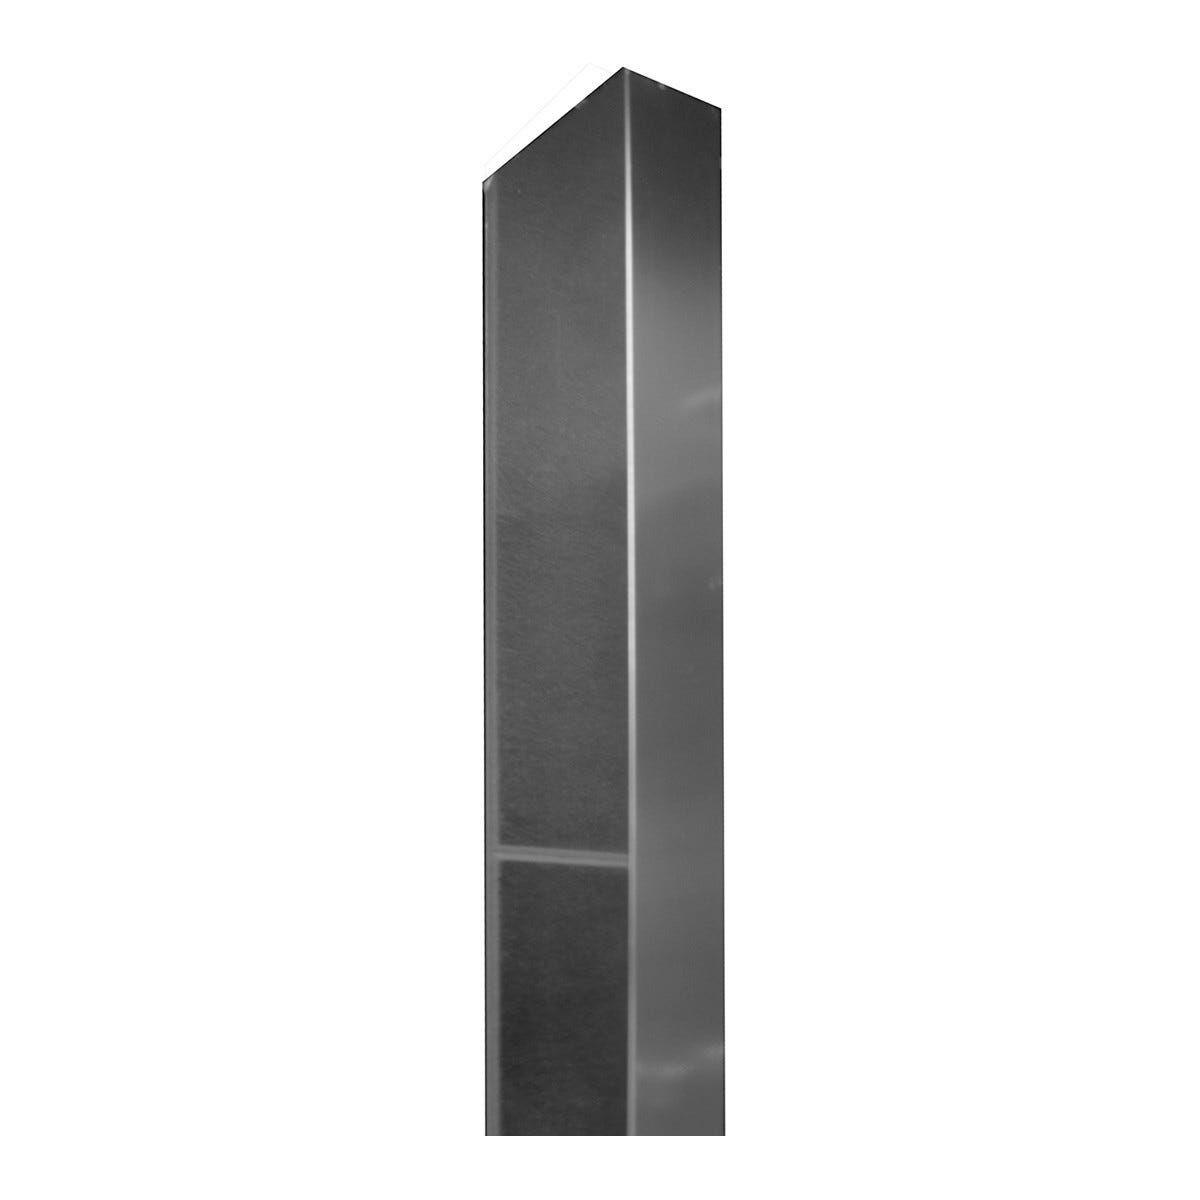 profilo di compensazione serie roller, slide in alluminio cromato4x2x200 cm (lxpxh)